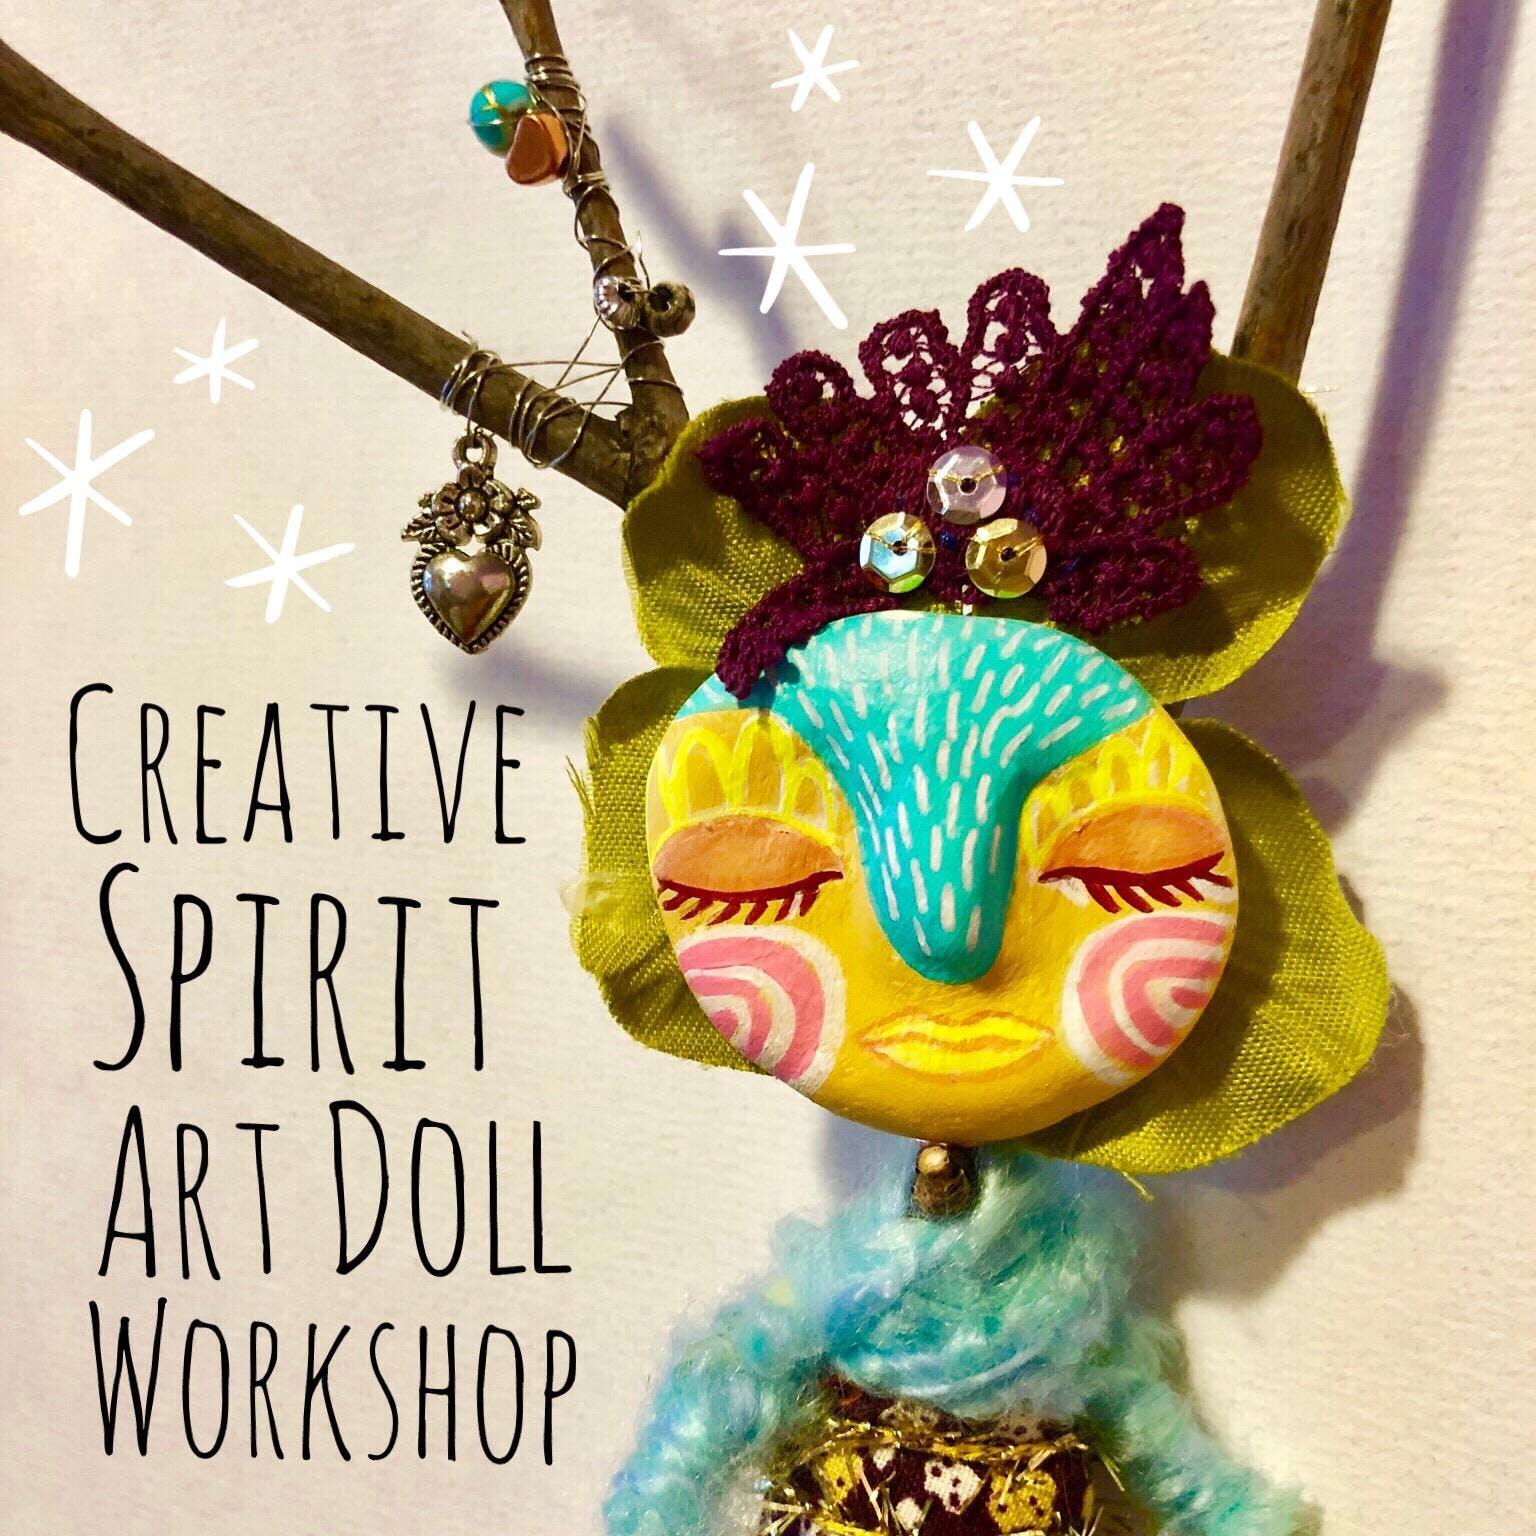 Creative Spirit Art Doll Workshop